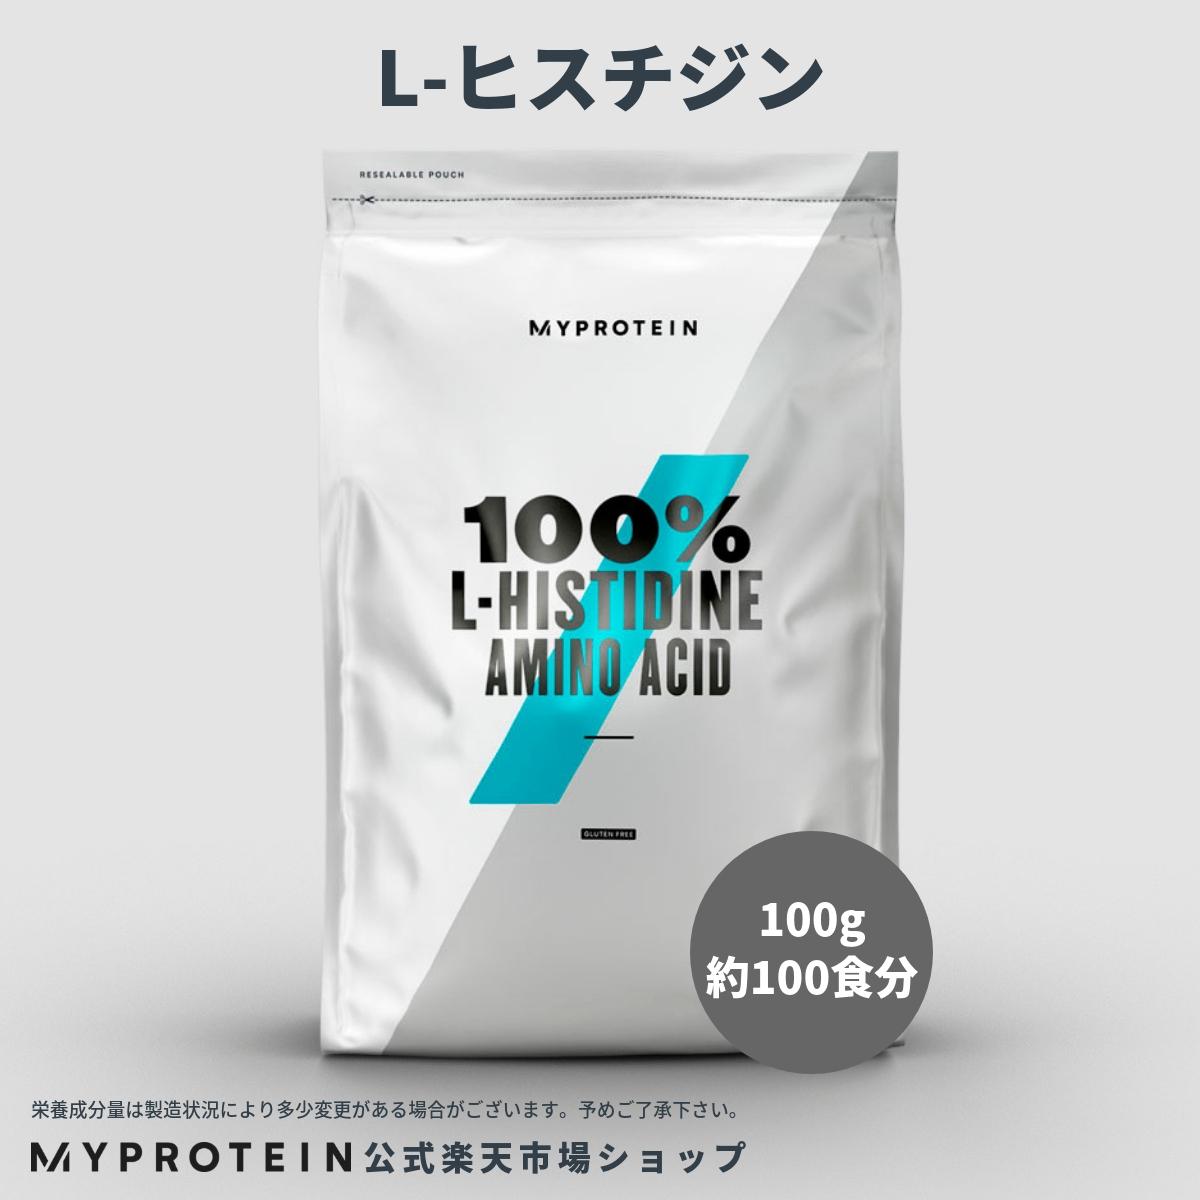 マイプロテイン 公式 【MyProtein】 L-ヒスチジン 100g 100食分| サプリメント サプリ アミノ酸 あみの酸 EAA 必須アミノ酸 ヒスチジン 栄養補助食品 栄養補助 健康サプリ スポーツサプリ【楽天海外直送】